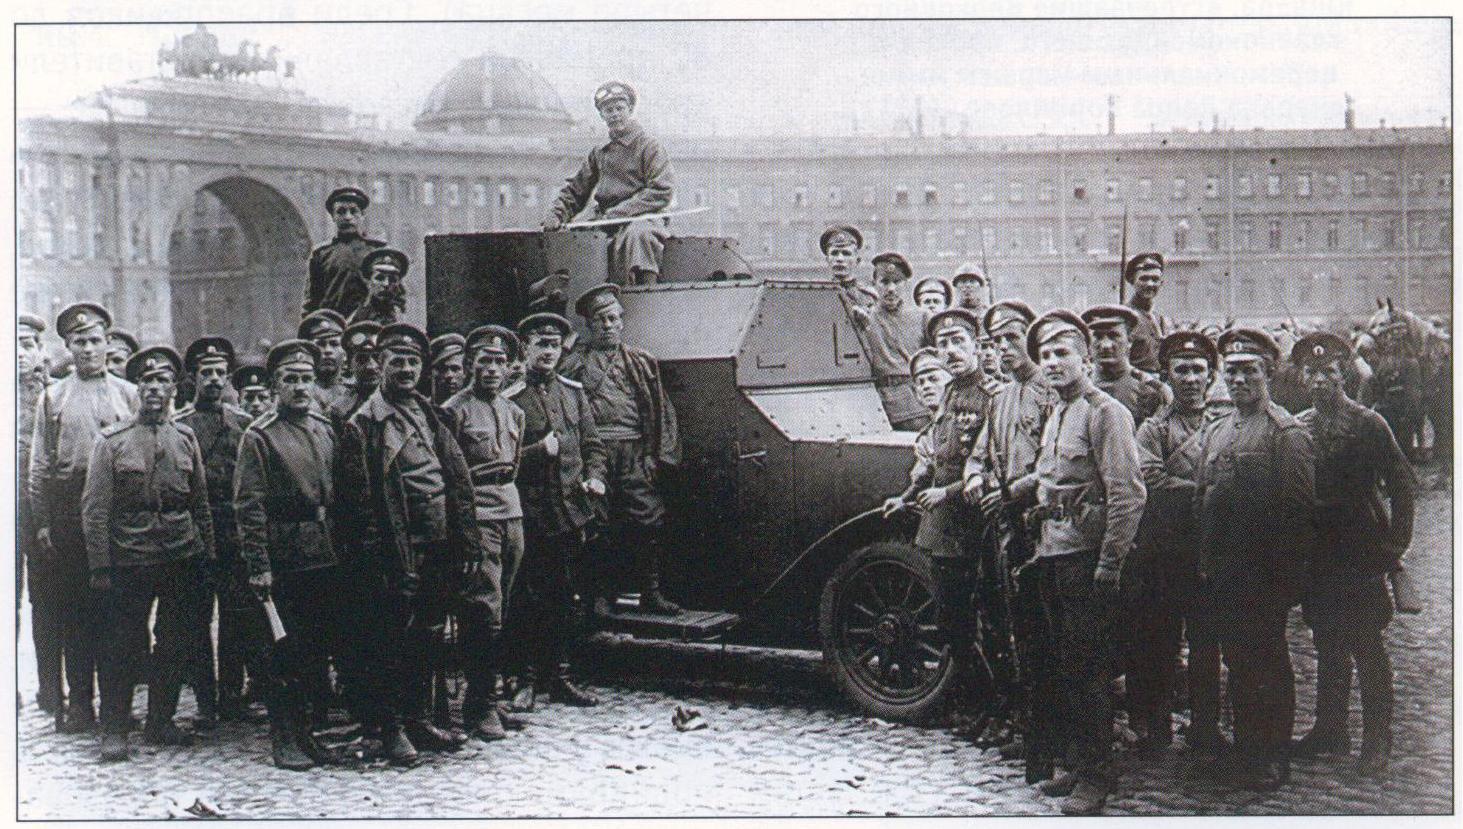 Samochód pancerny Austin w Petersburgu, 1917.